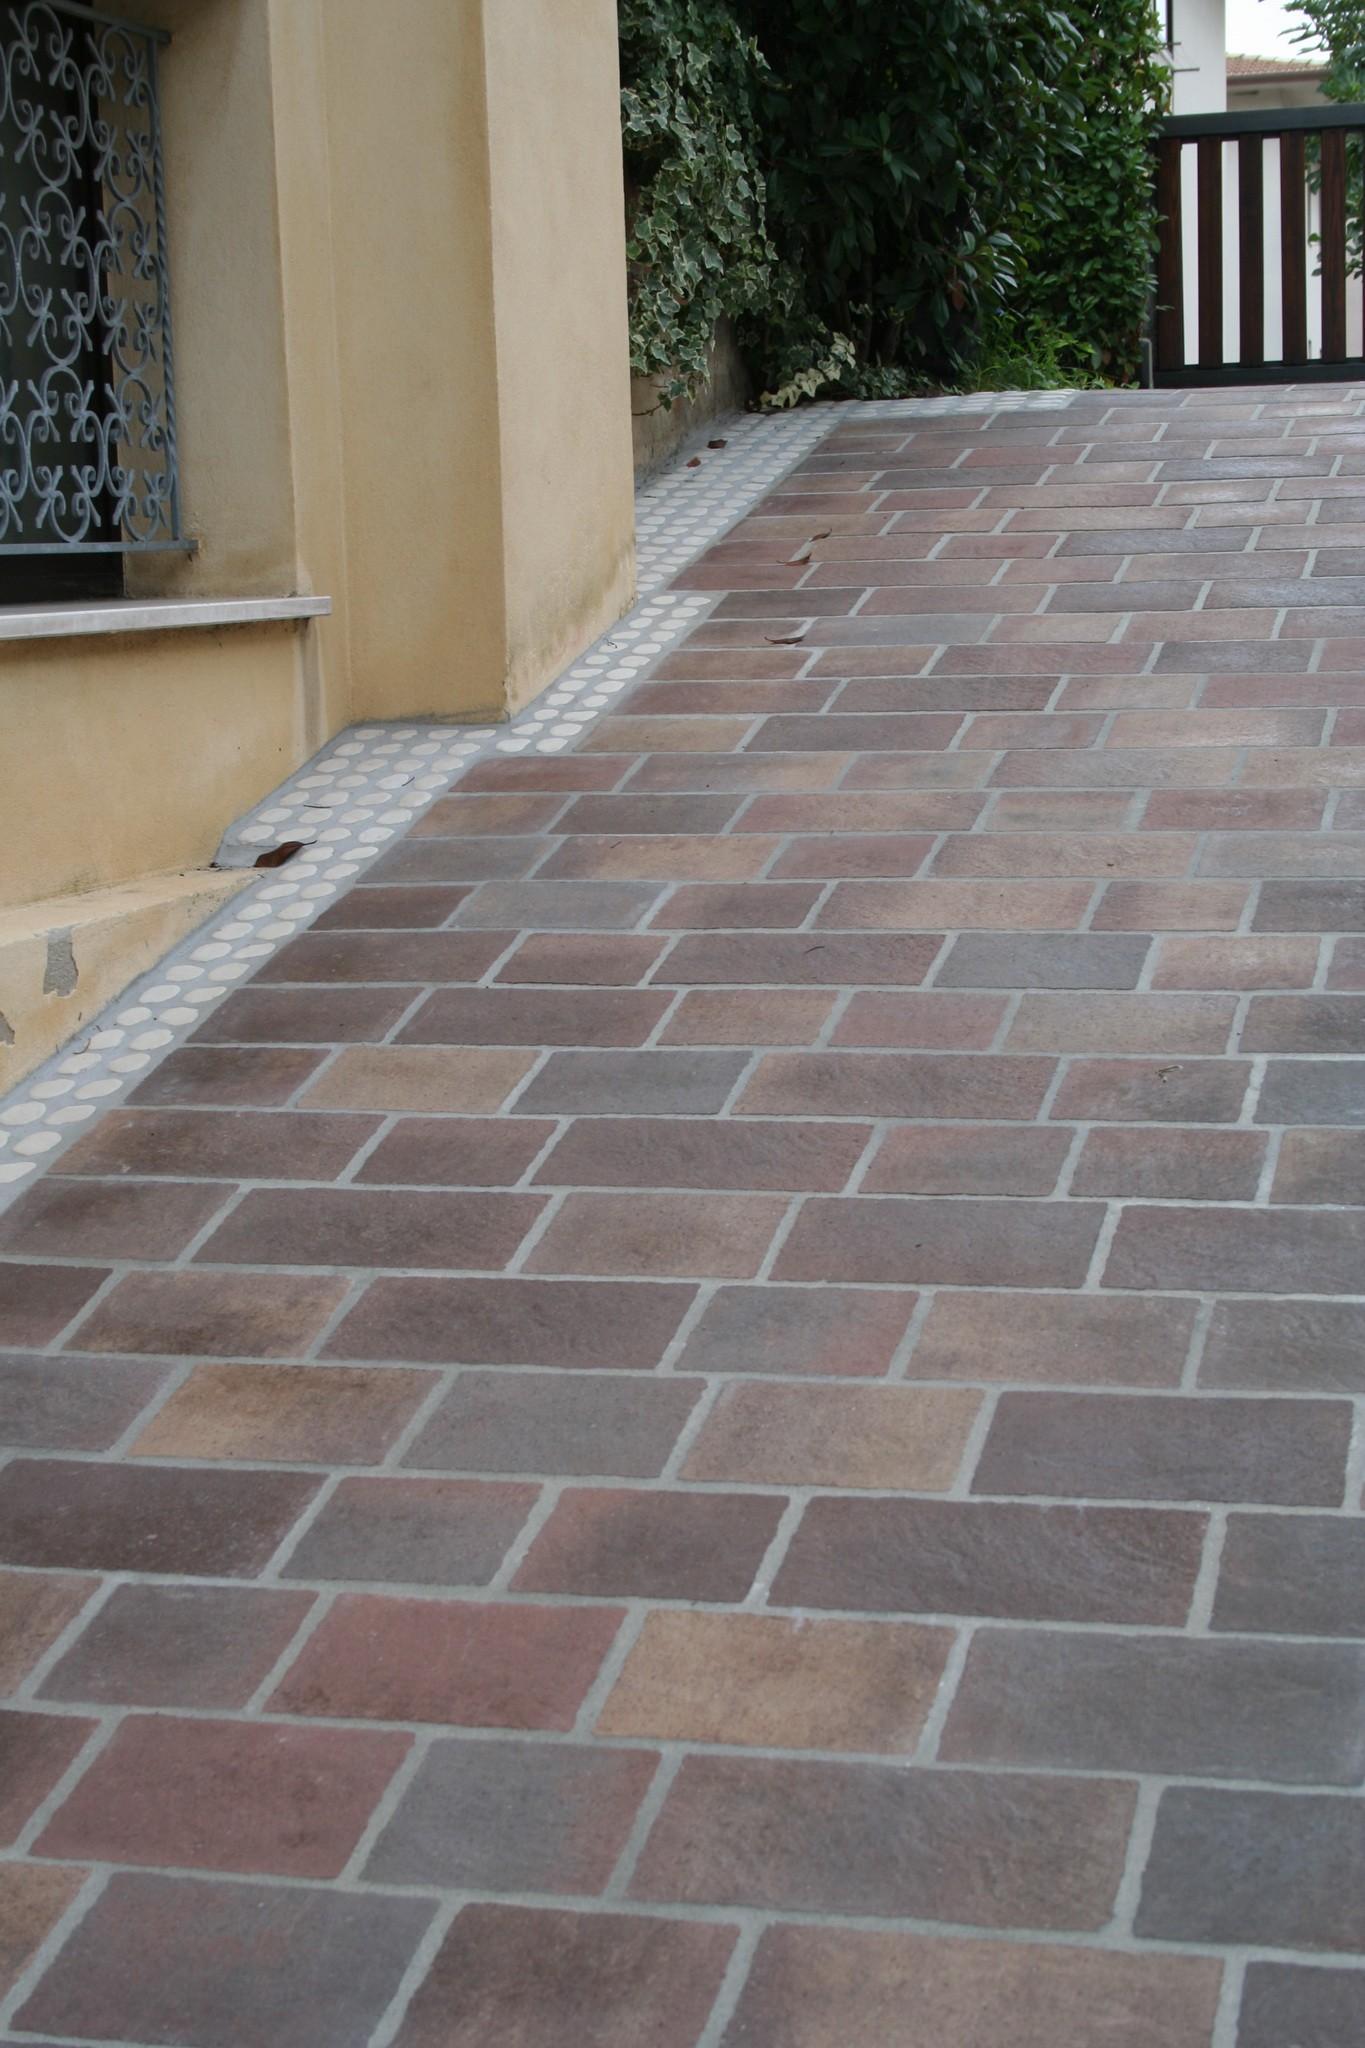 Pavimenti in porfido trentino piastre e piastrelle in porfido per esterni maspe - Crepe nelle piastrelle del pavimento ...